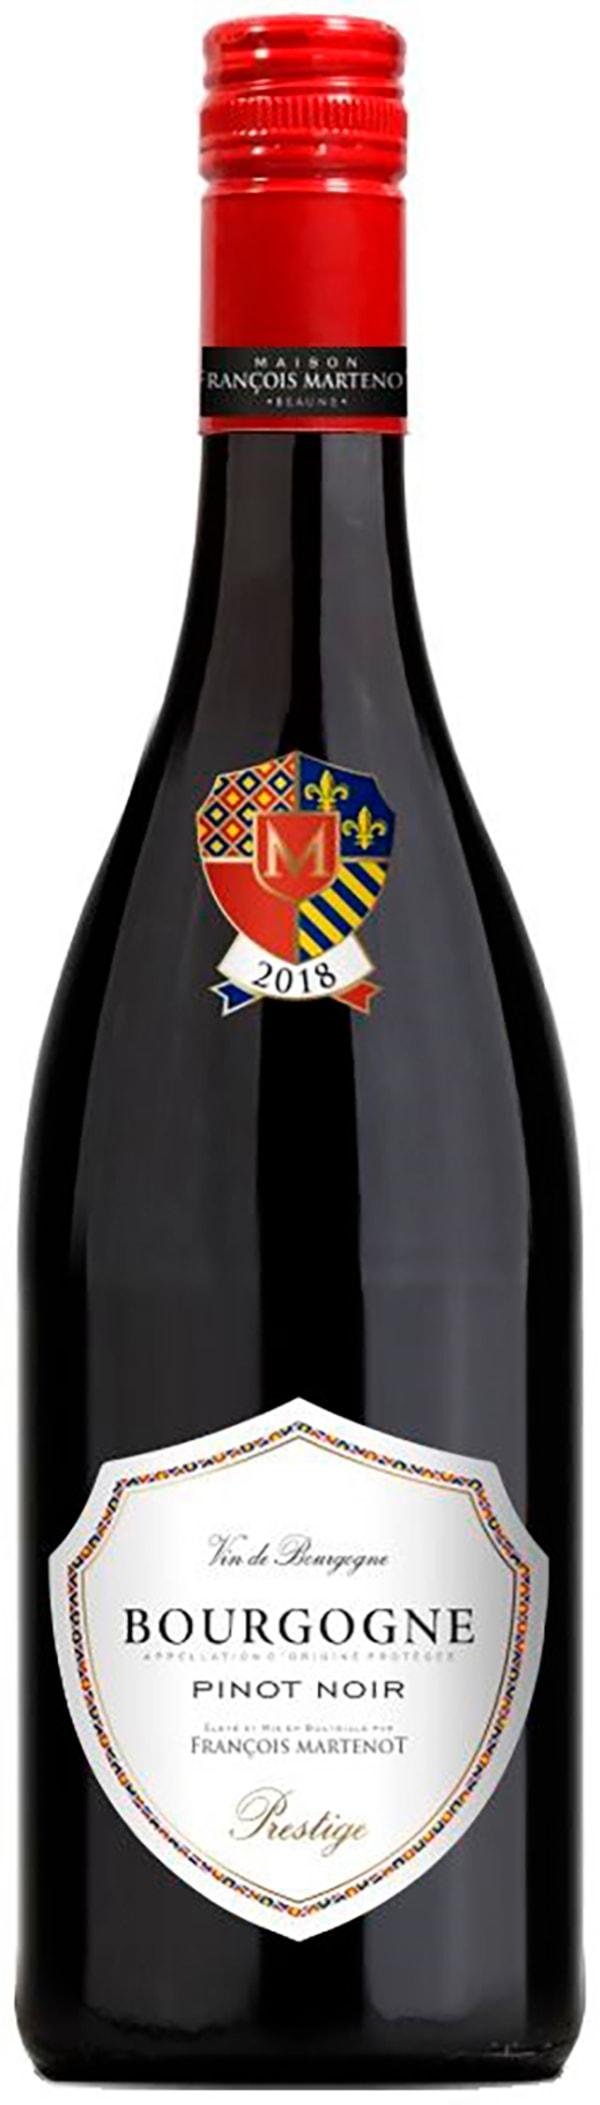 Francois Martenot Bourgogne Pinot Noir Prestige 2018